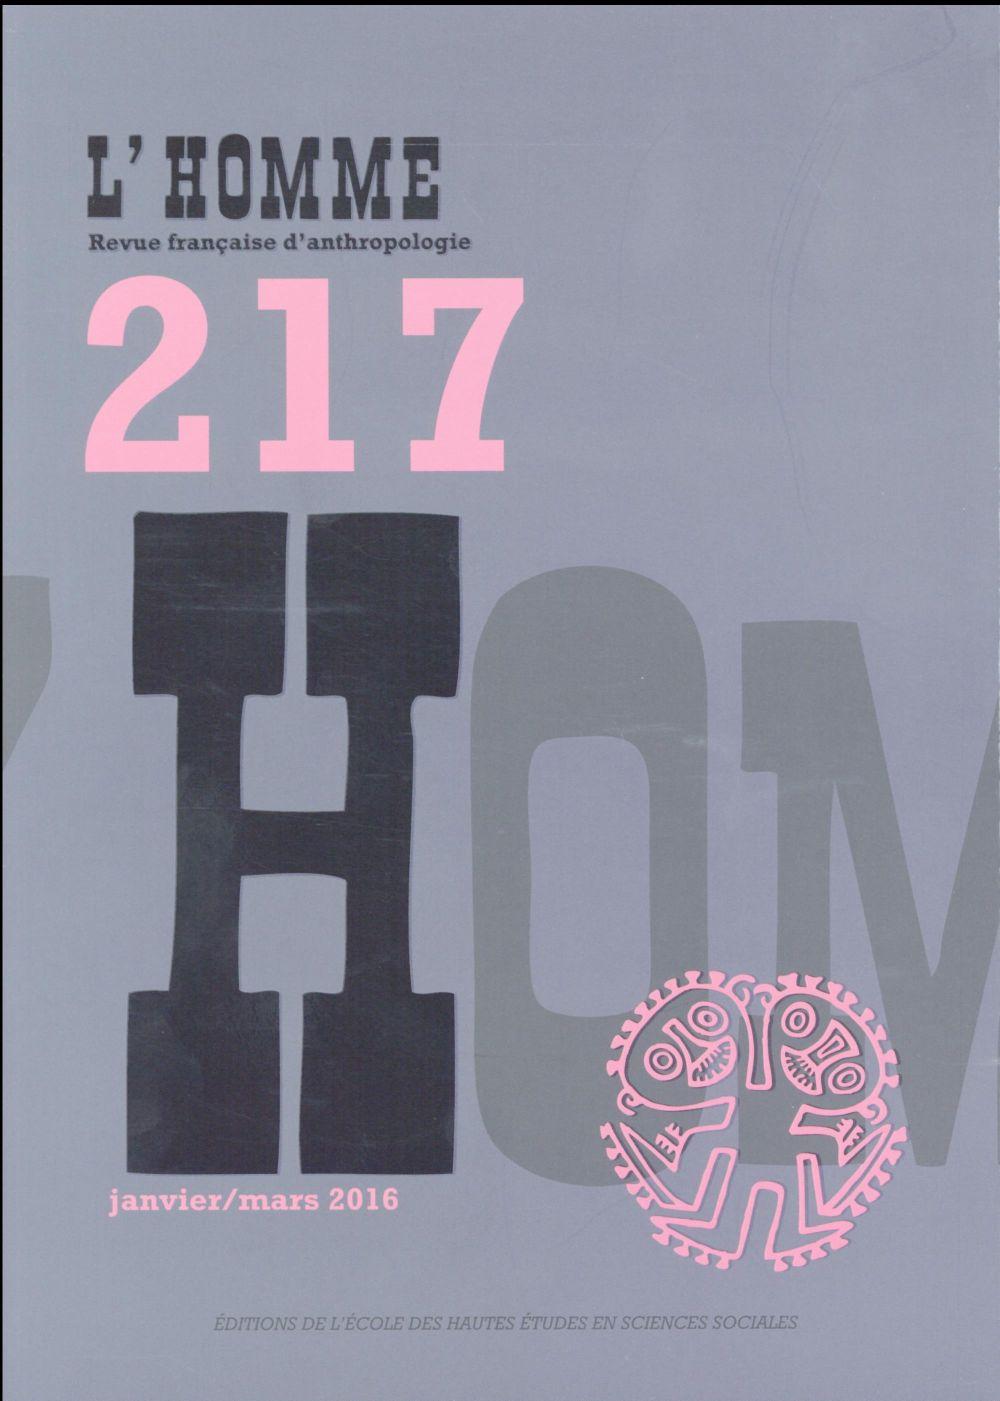 L'HOMME 217 - VARIA